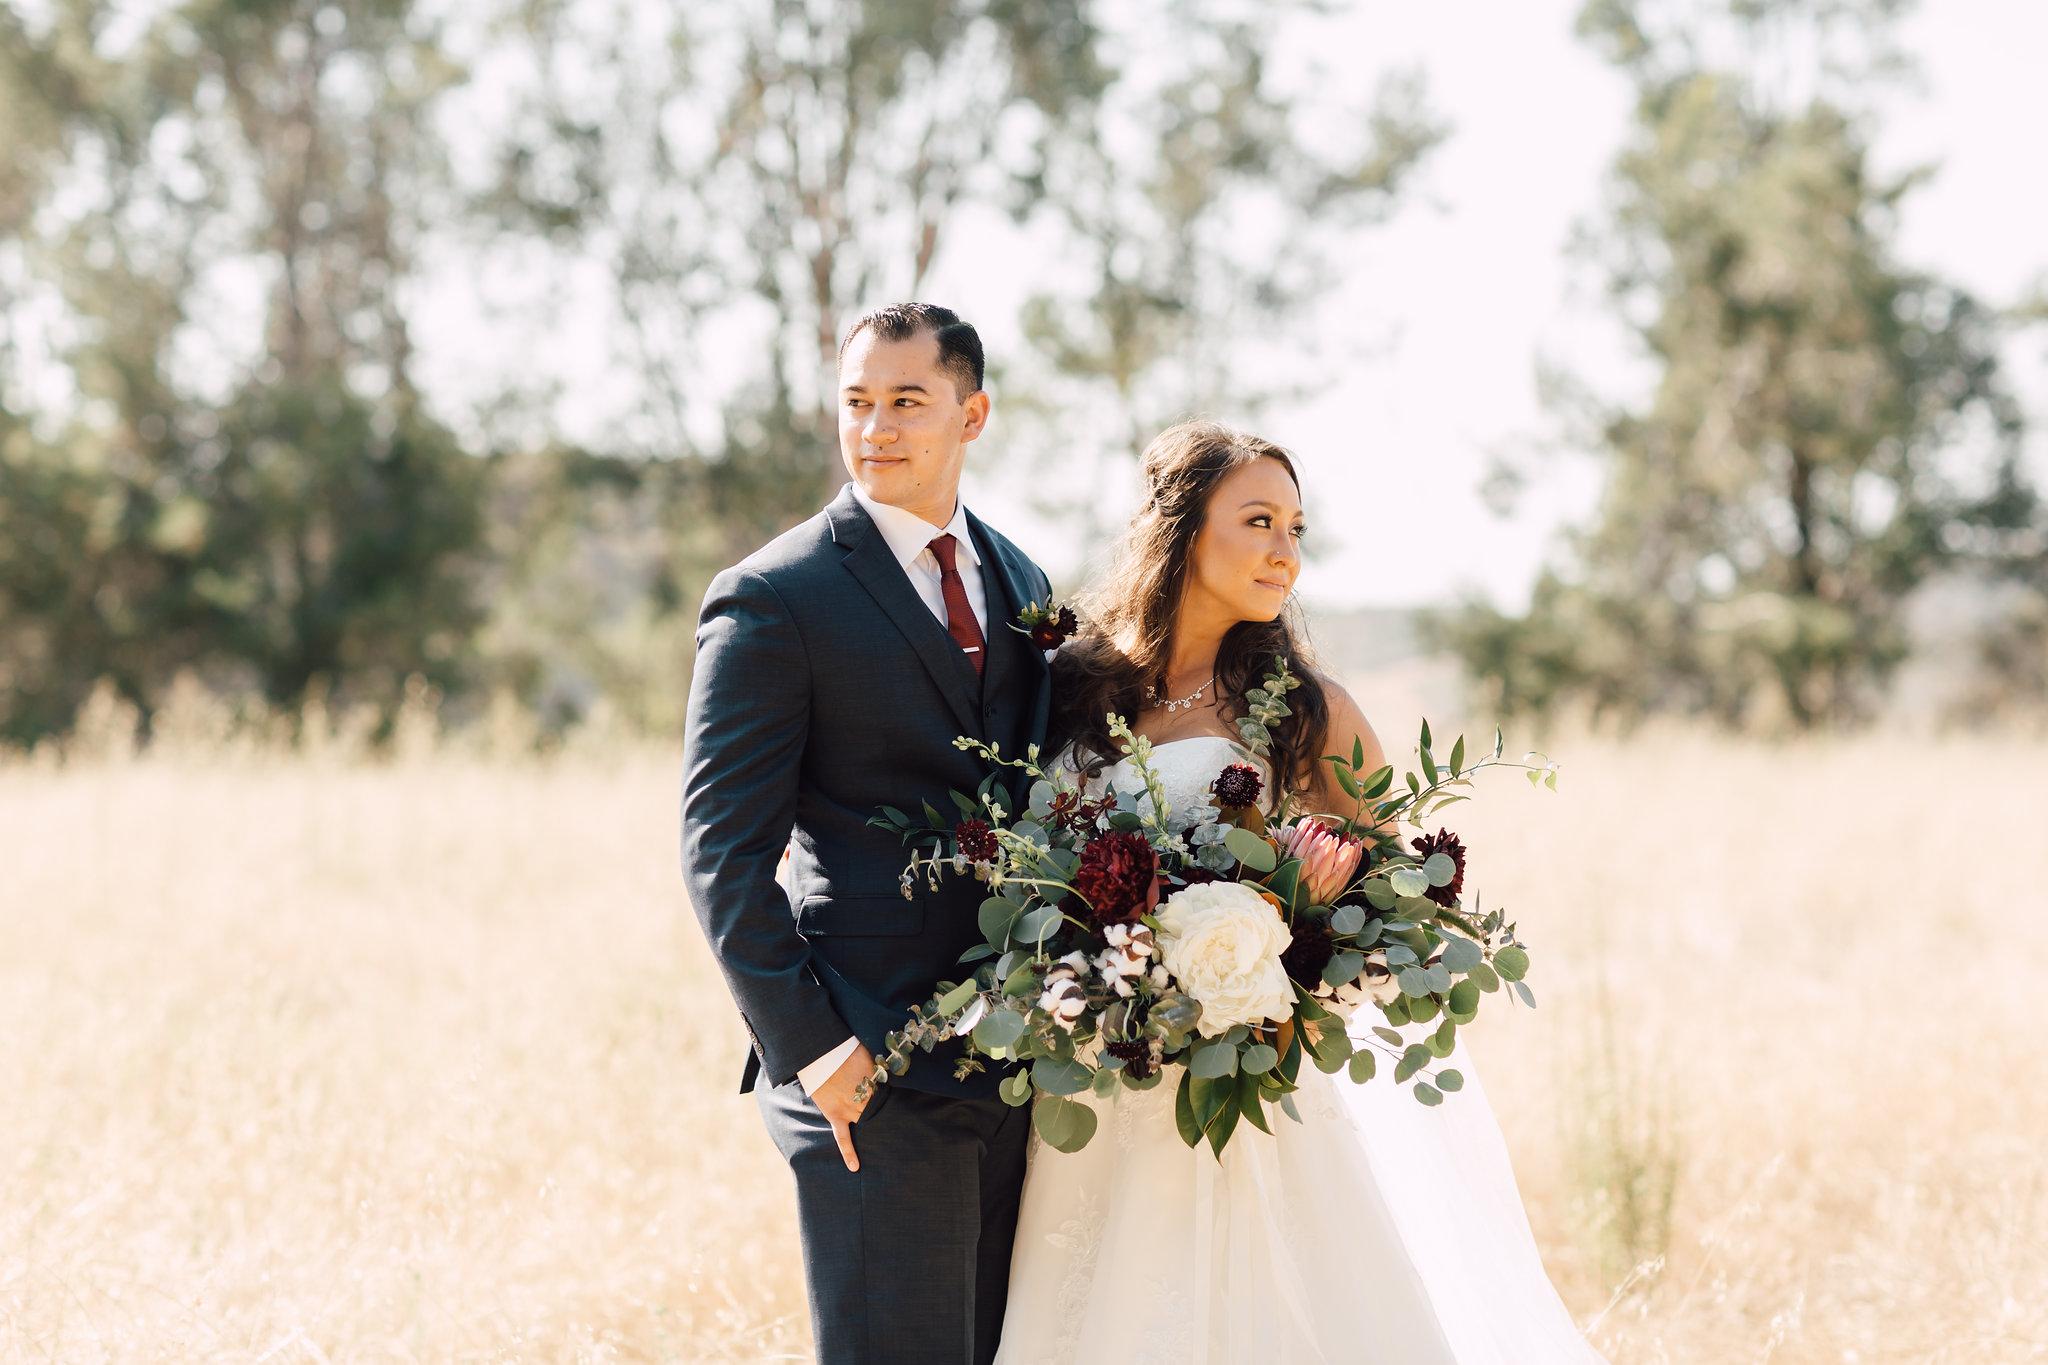 bride and groom flowers 3.jpg